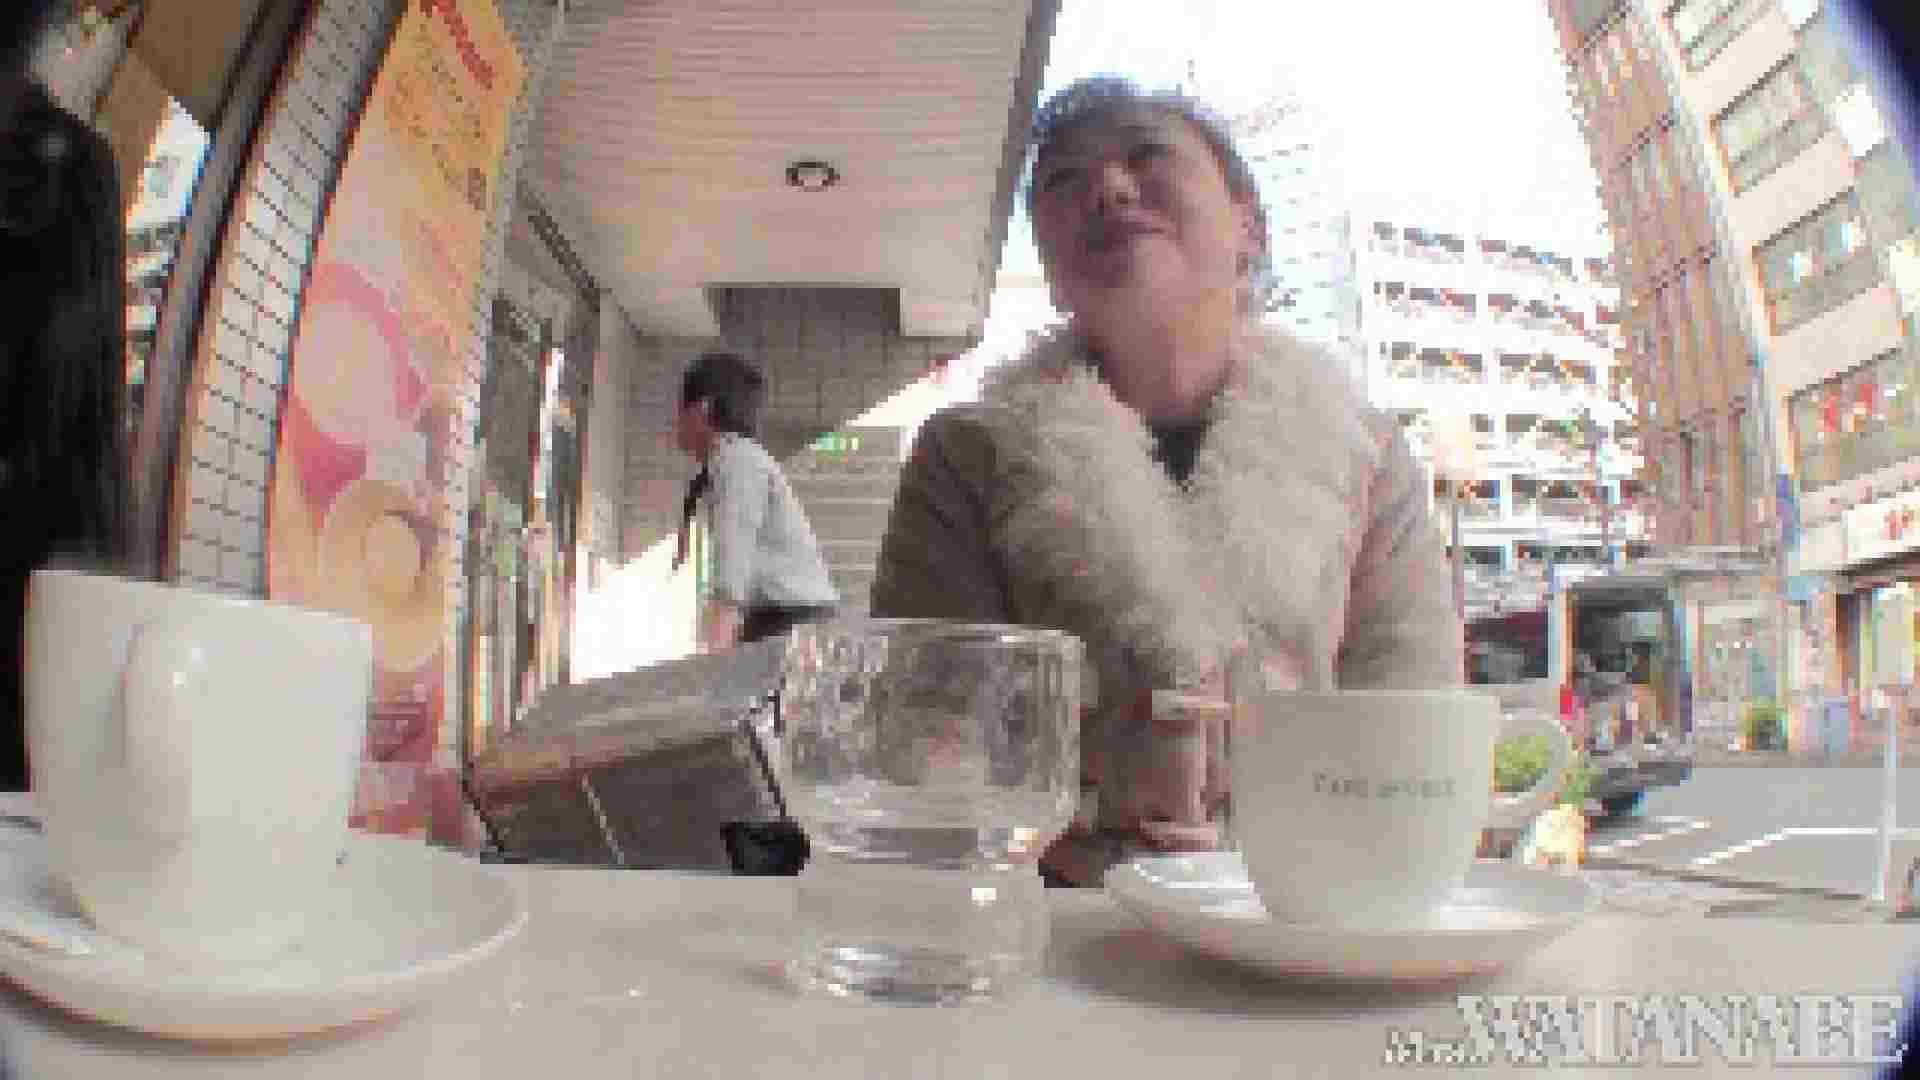 撮影スタッフを誘惑する痴熟女 かおり40歳 Vol.01 素人 | HなOL  67pic 13